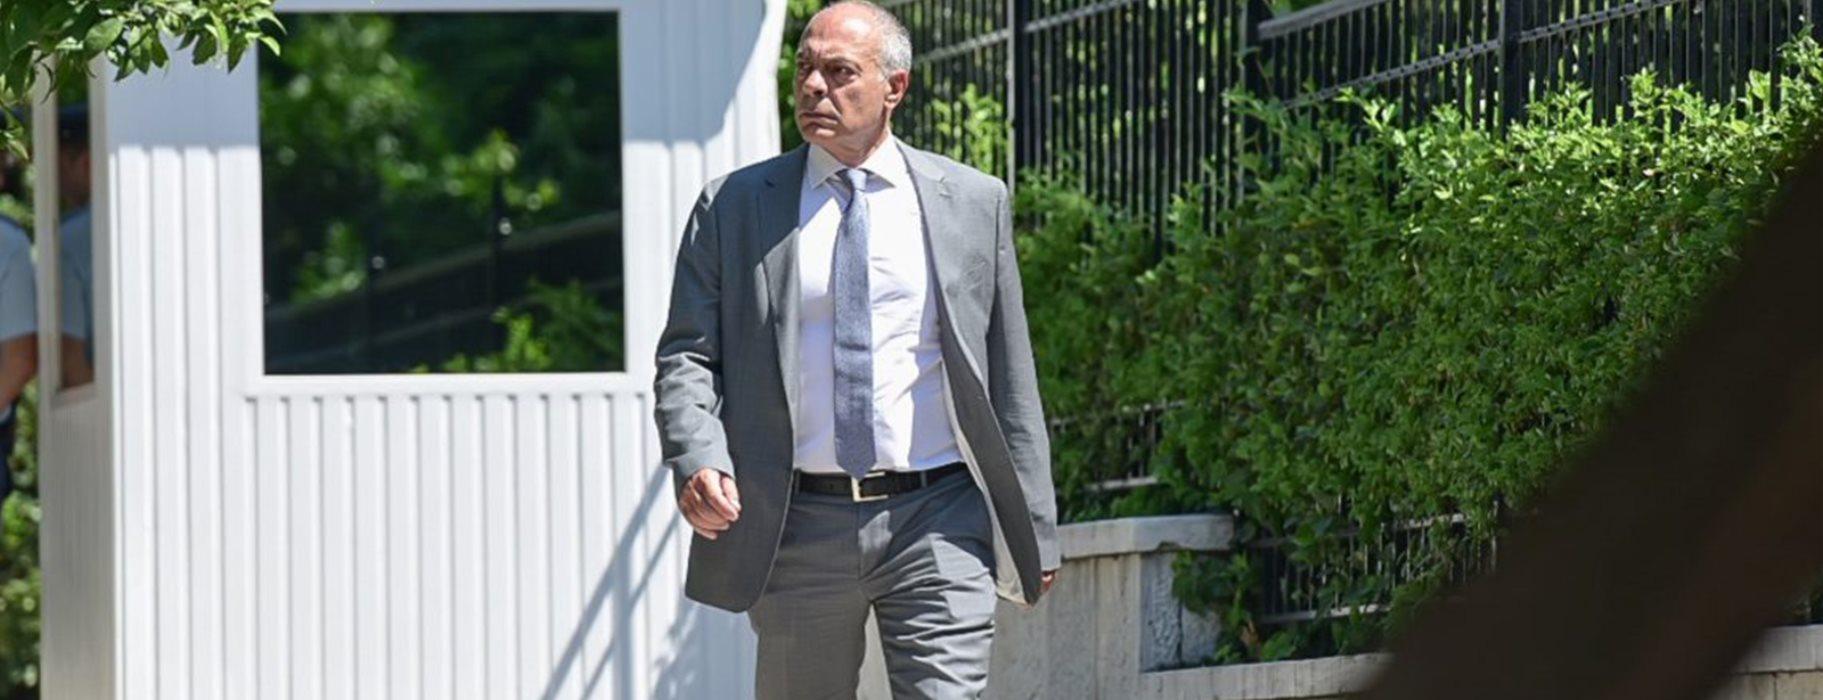 Ο Αλέξανδρος Διακόπουλος δεν μιλάει ούτε ως φιλόζωος ούτε ως ...